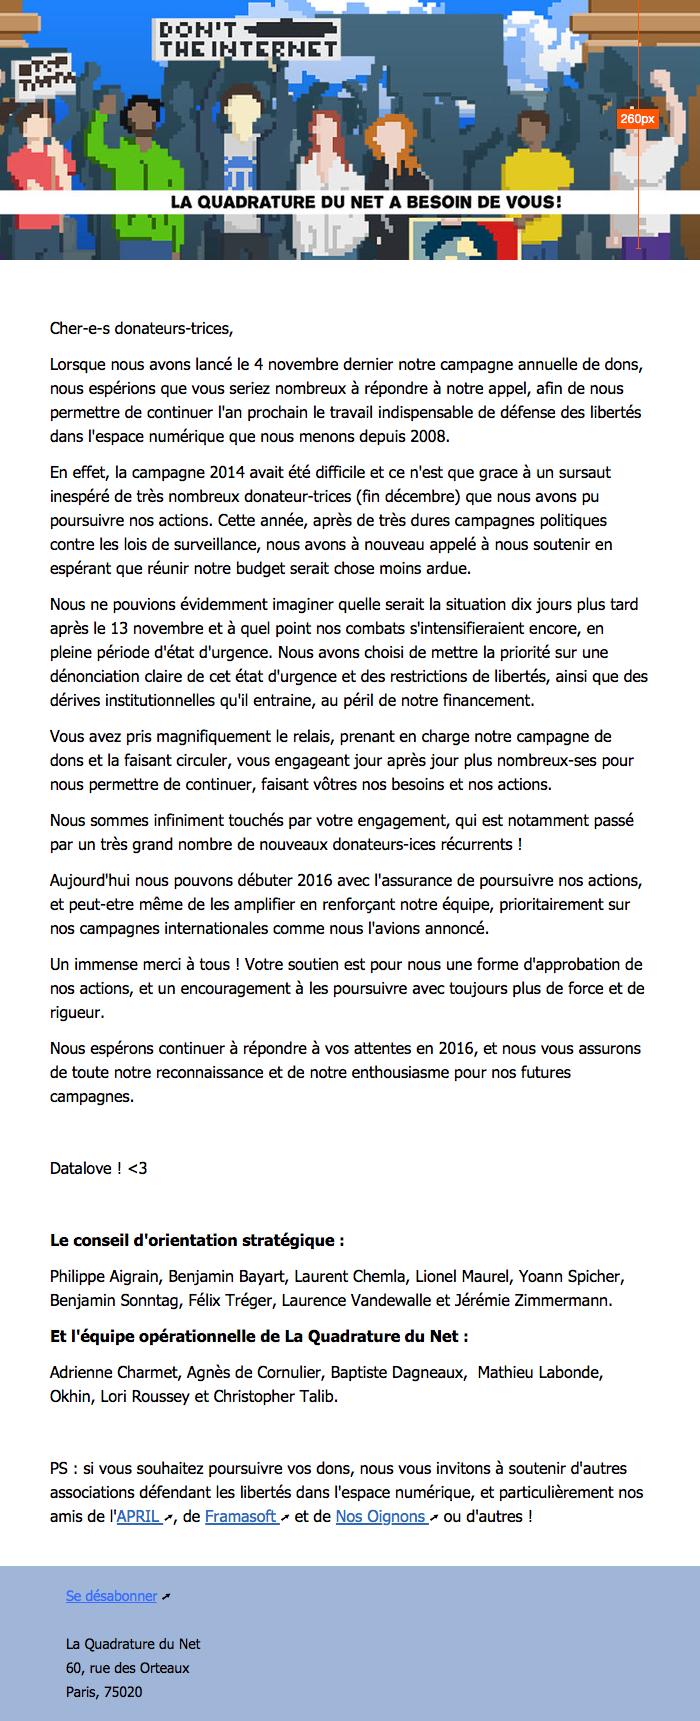 sources/Mail aux donateurs.png